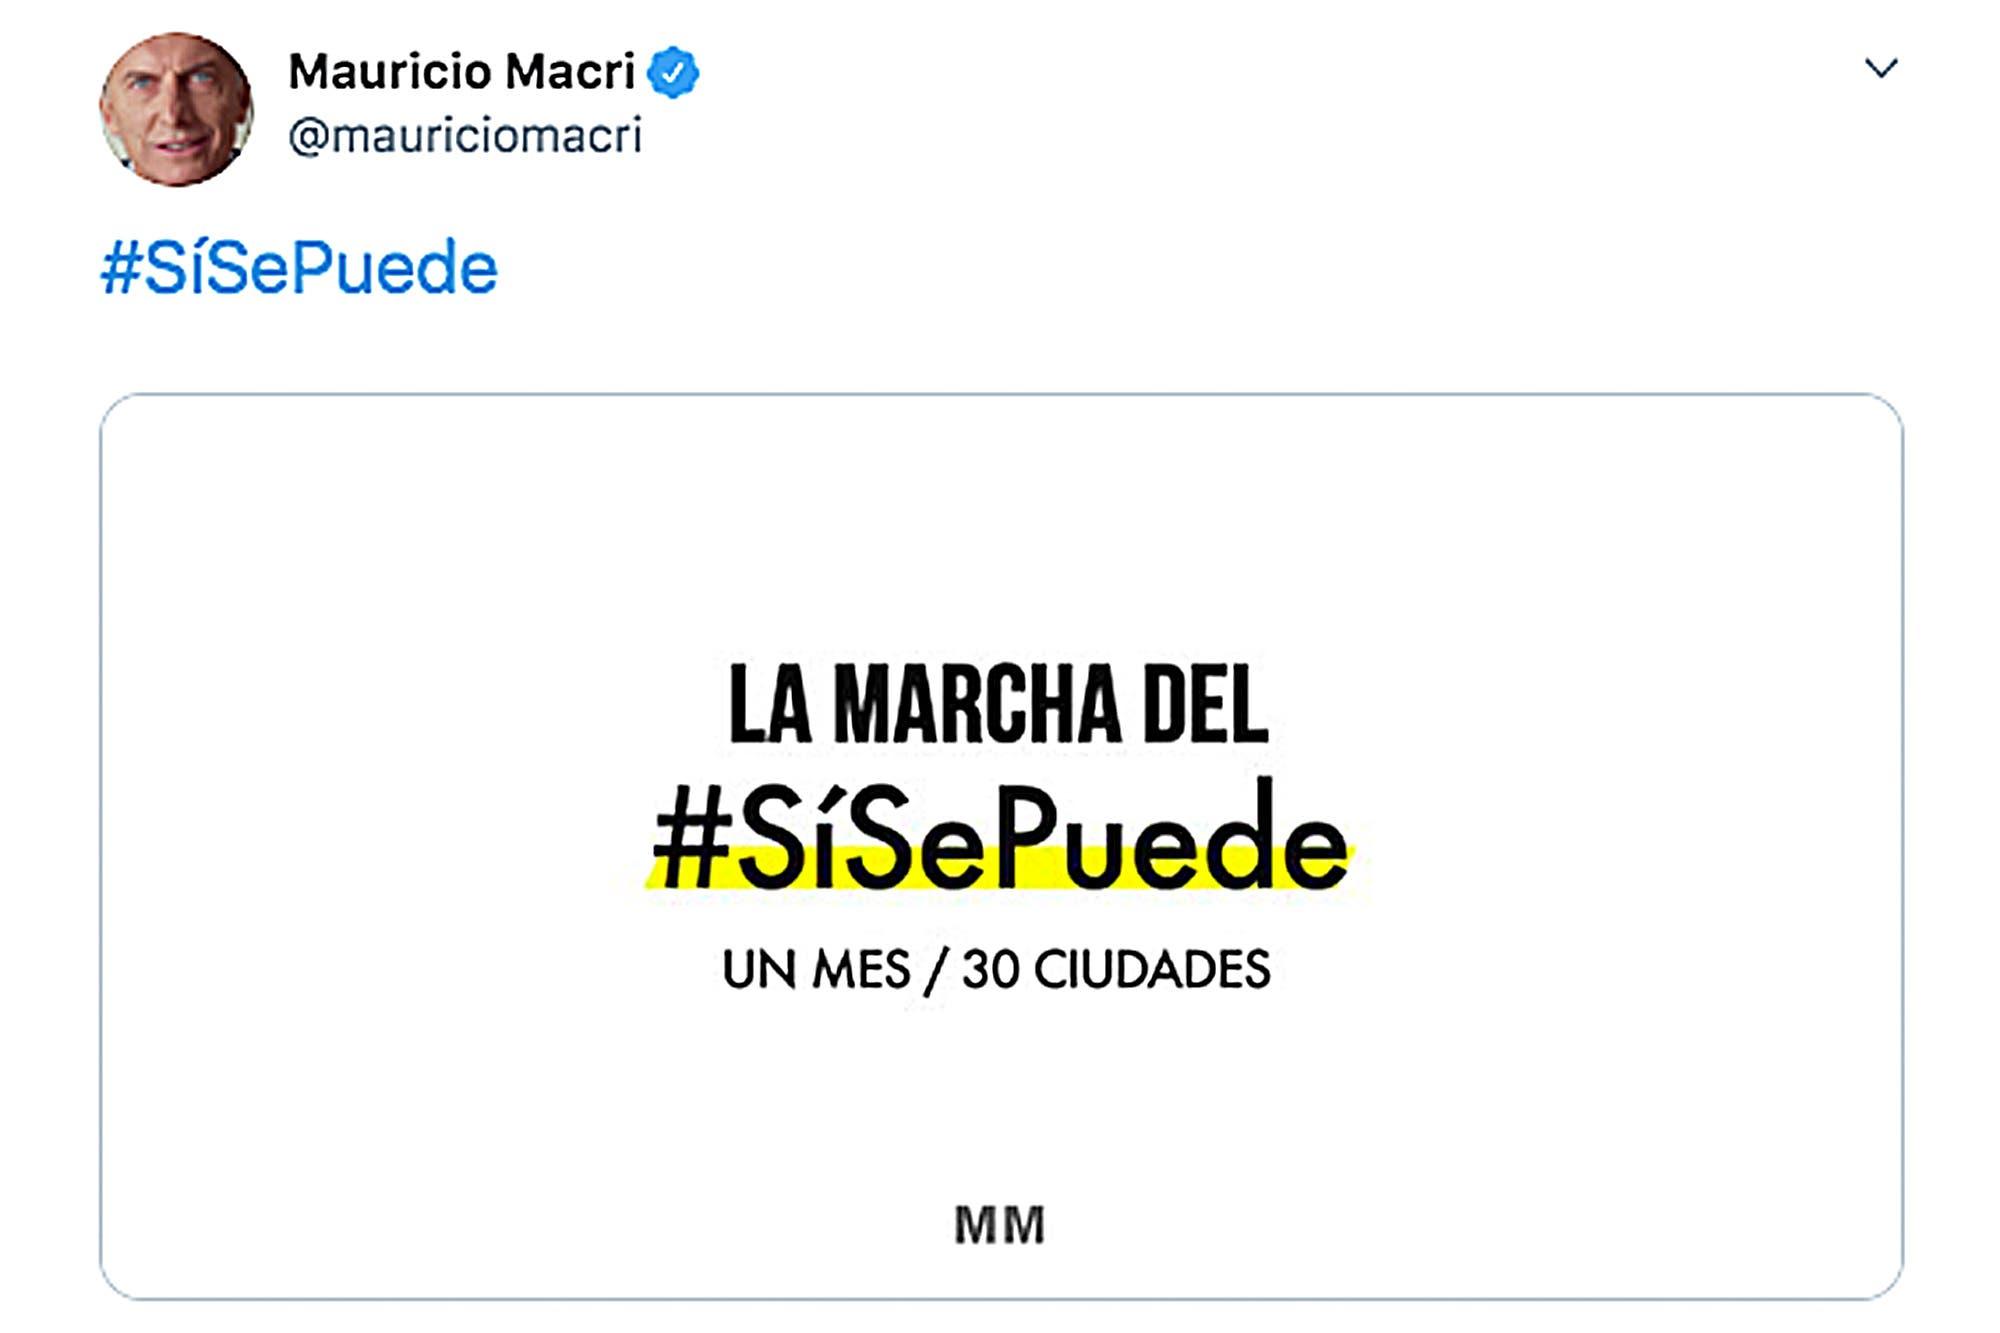 Mauricio Macri lanzó por sus redes una marcha para recorrer 30 ciudades en un mes